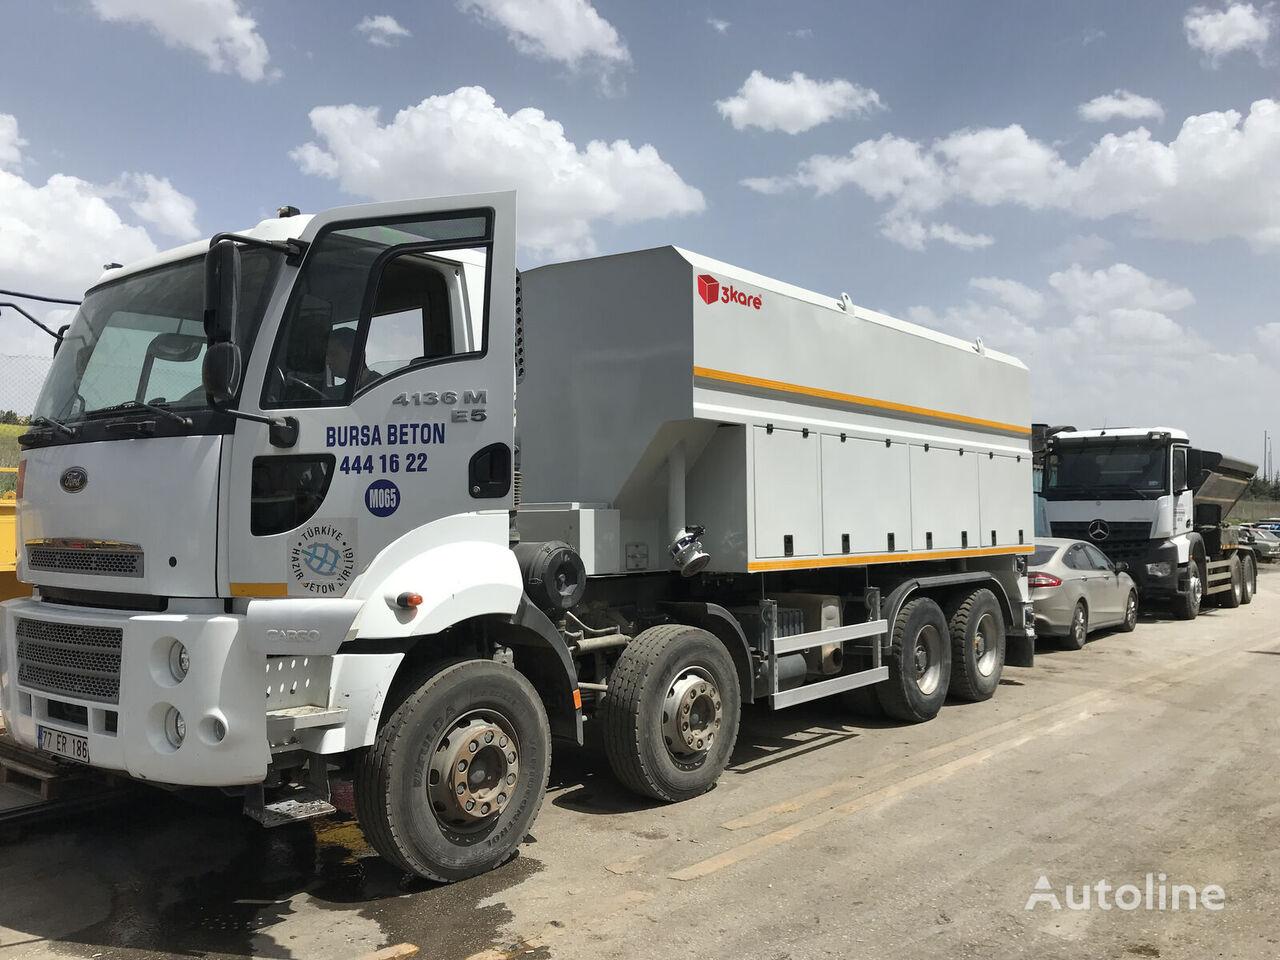 nové nákladní vozidlo cisterna pro přepravu cementu 3Kare Toz Malzeme Serici / Çimento Serici